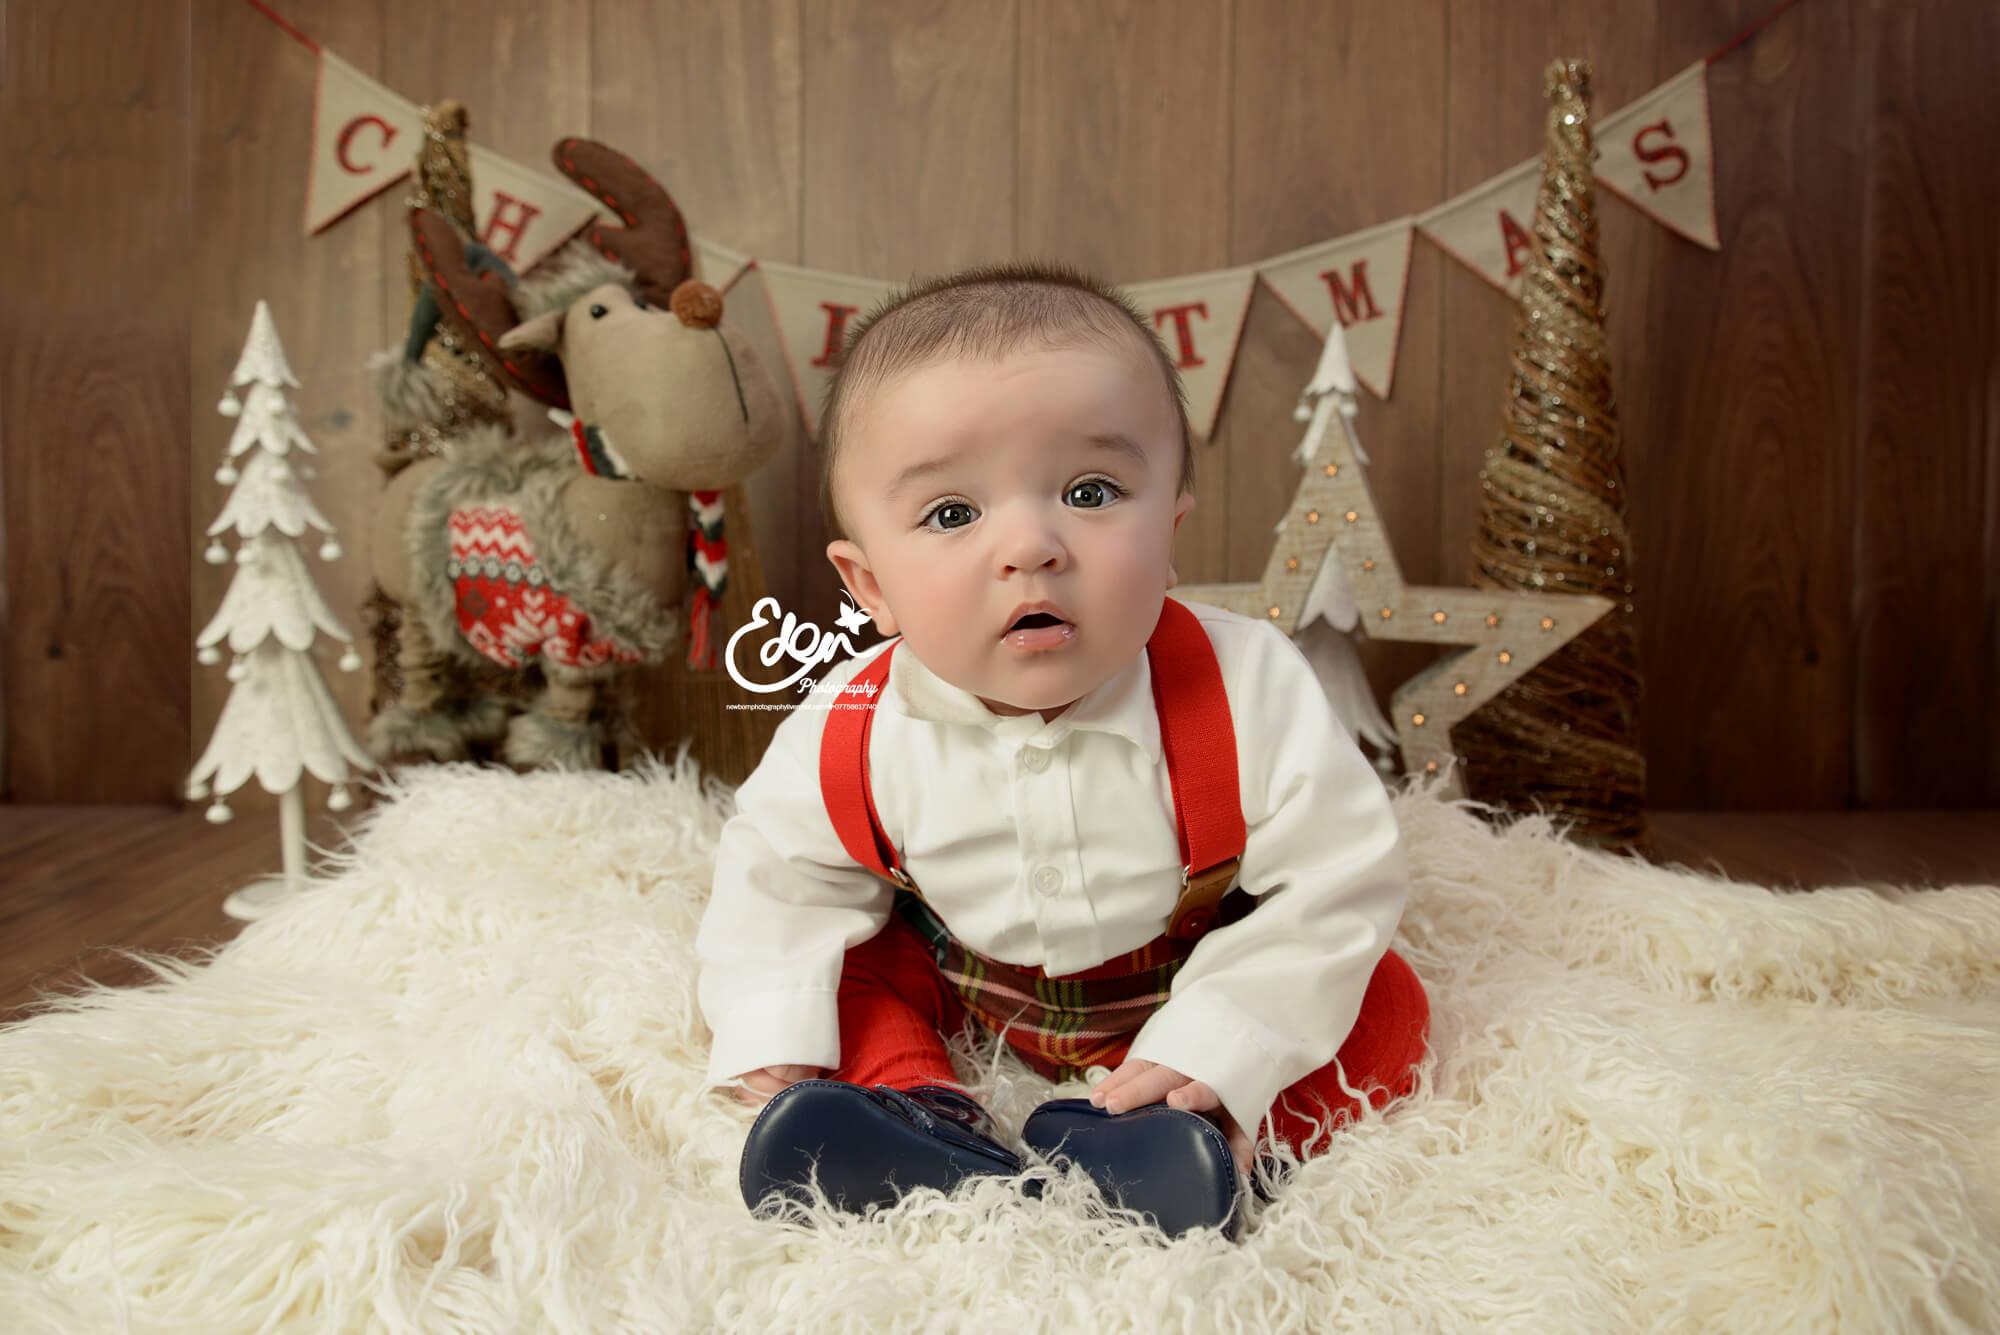 Christmas Baby Photographer Liverpool